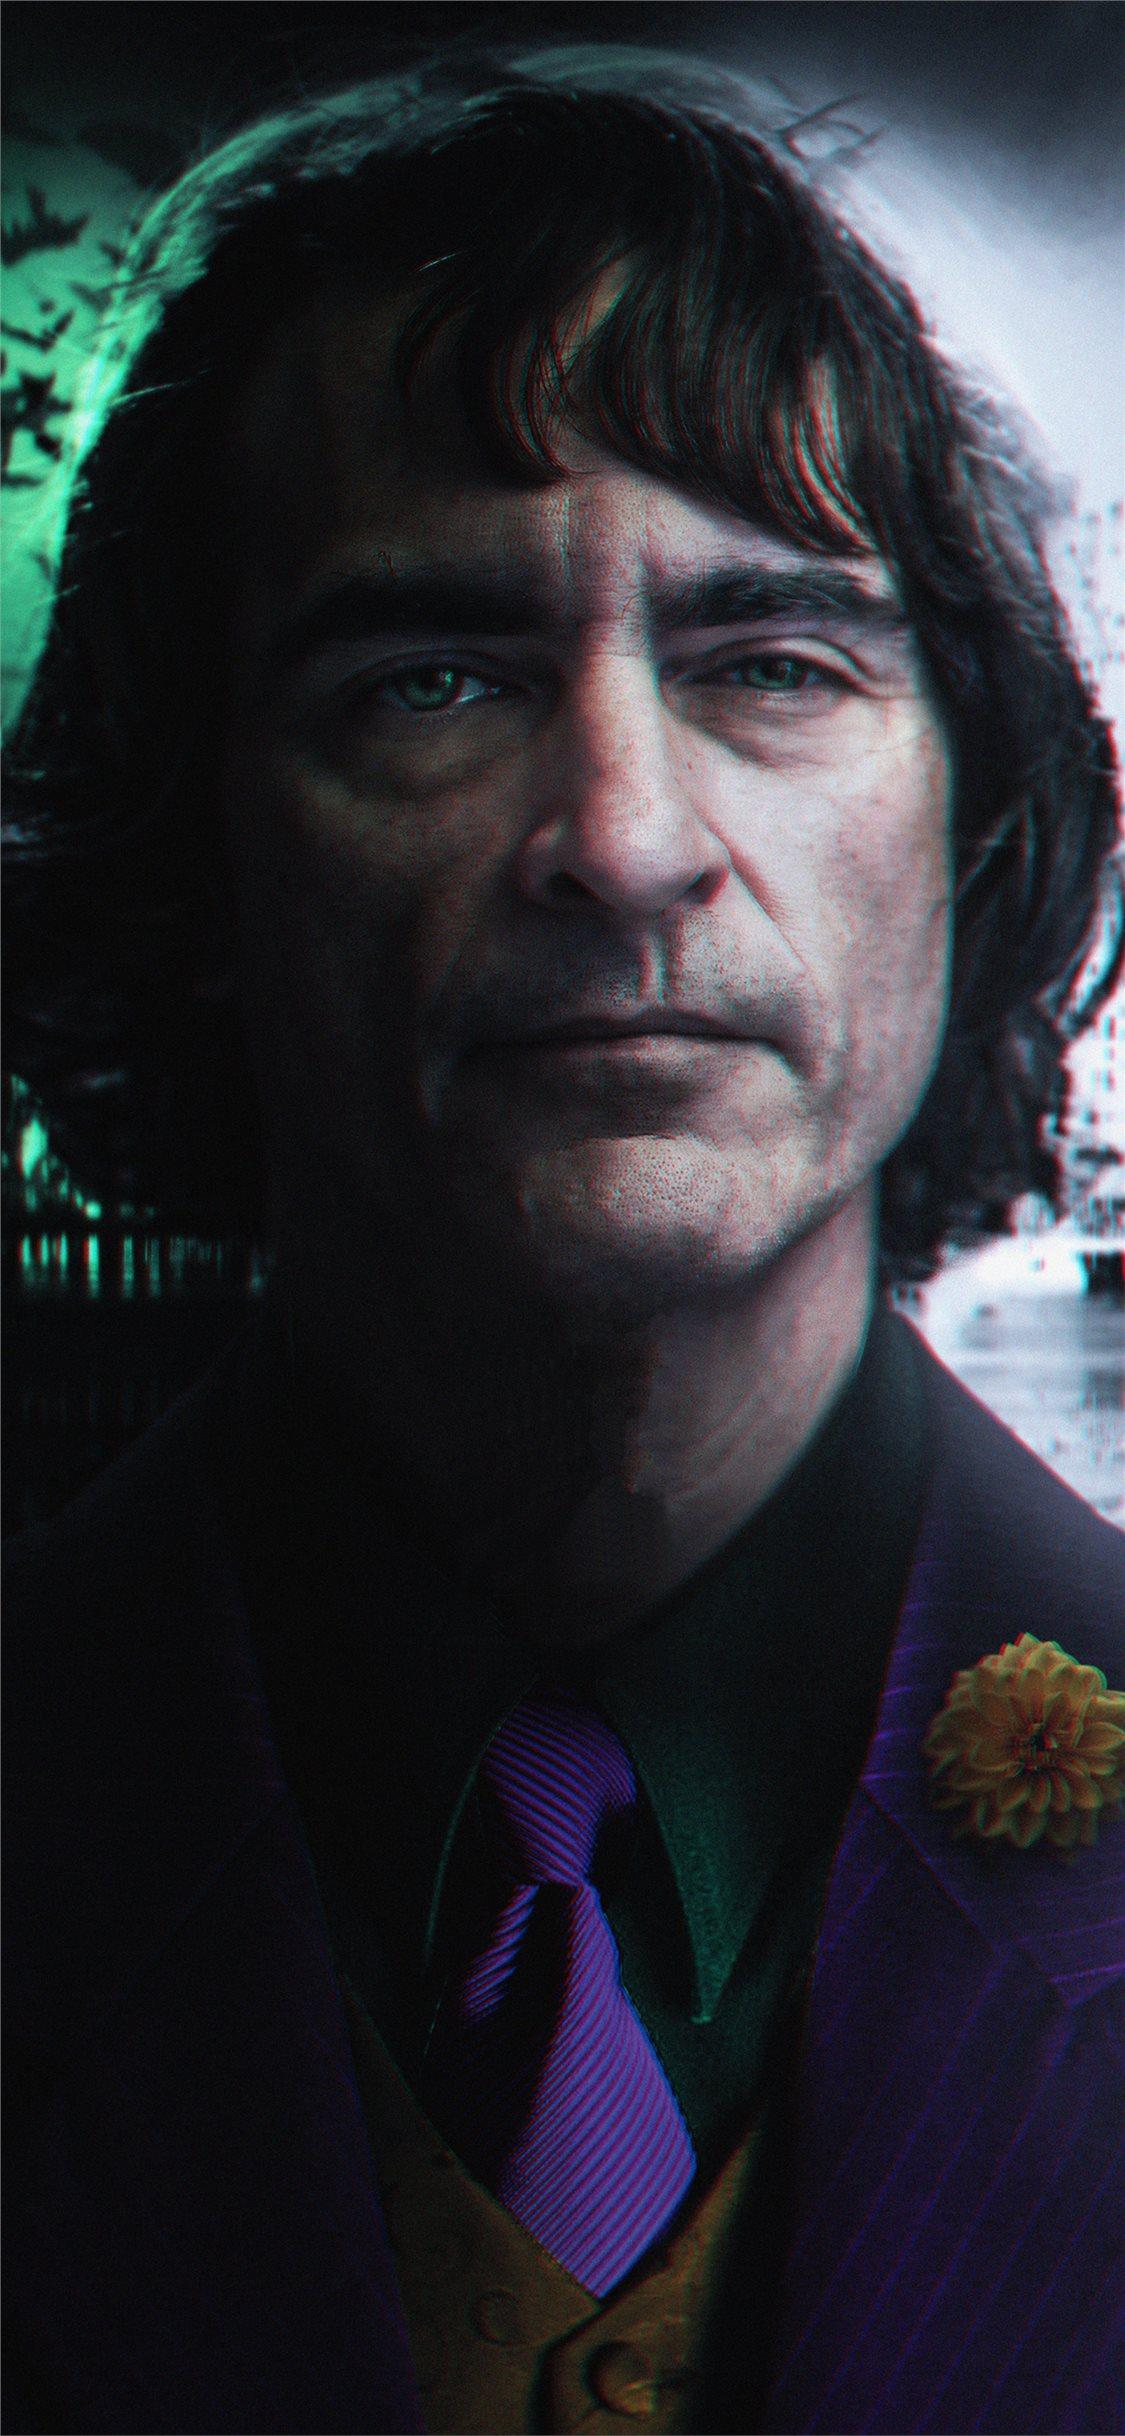 The Joker Joaquin Phoenix 4k Iphone X Wallpapers Free Download